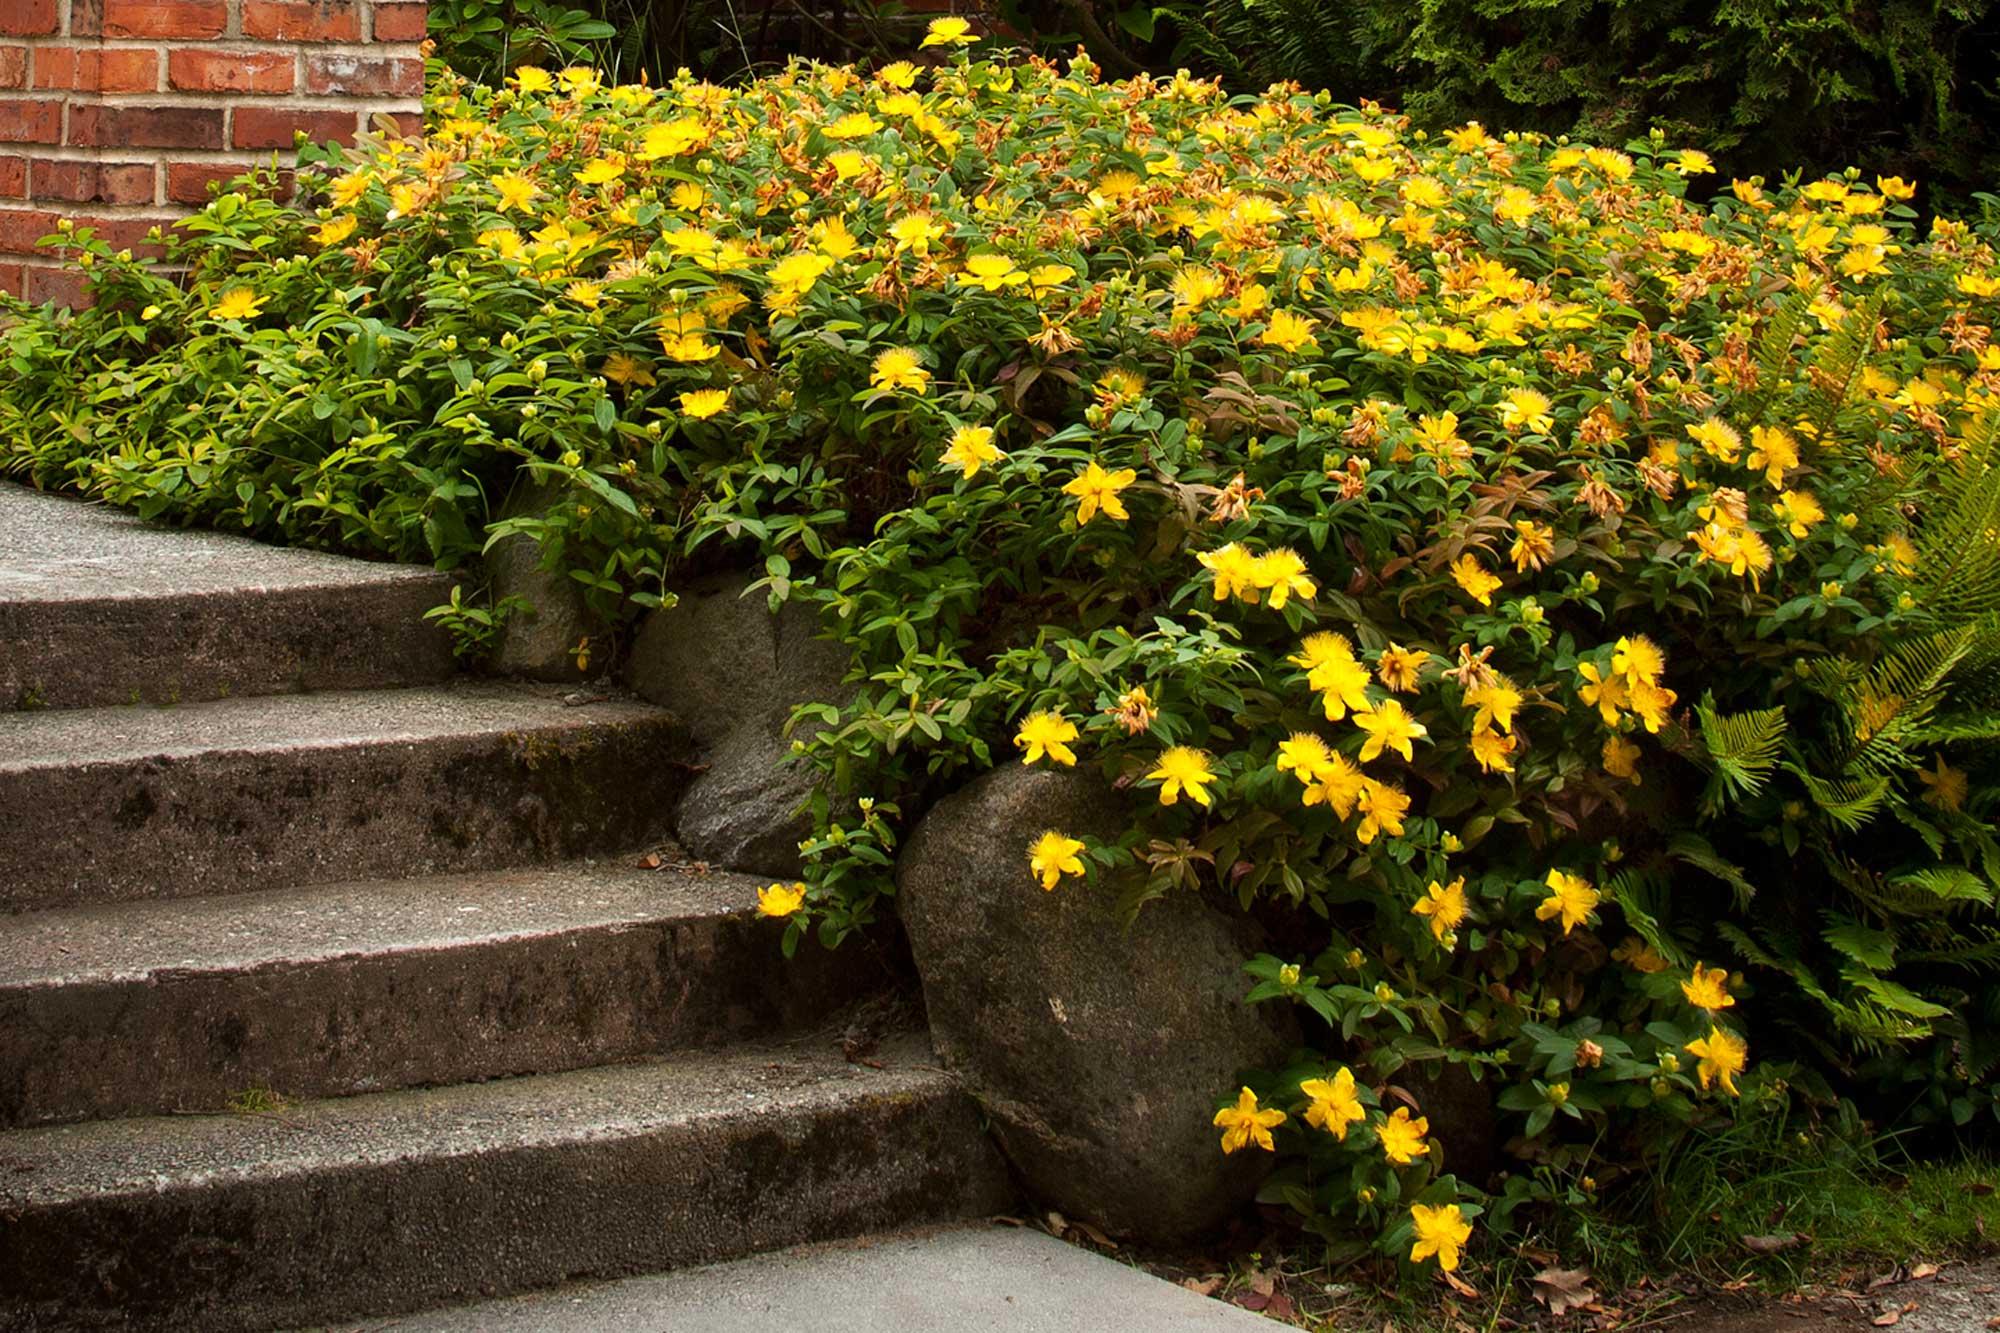 Planiranje vrta: Priprema za proljetno uređenje okućnice smještajnog objekta - pljuskavica